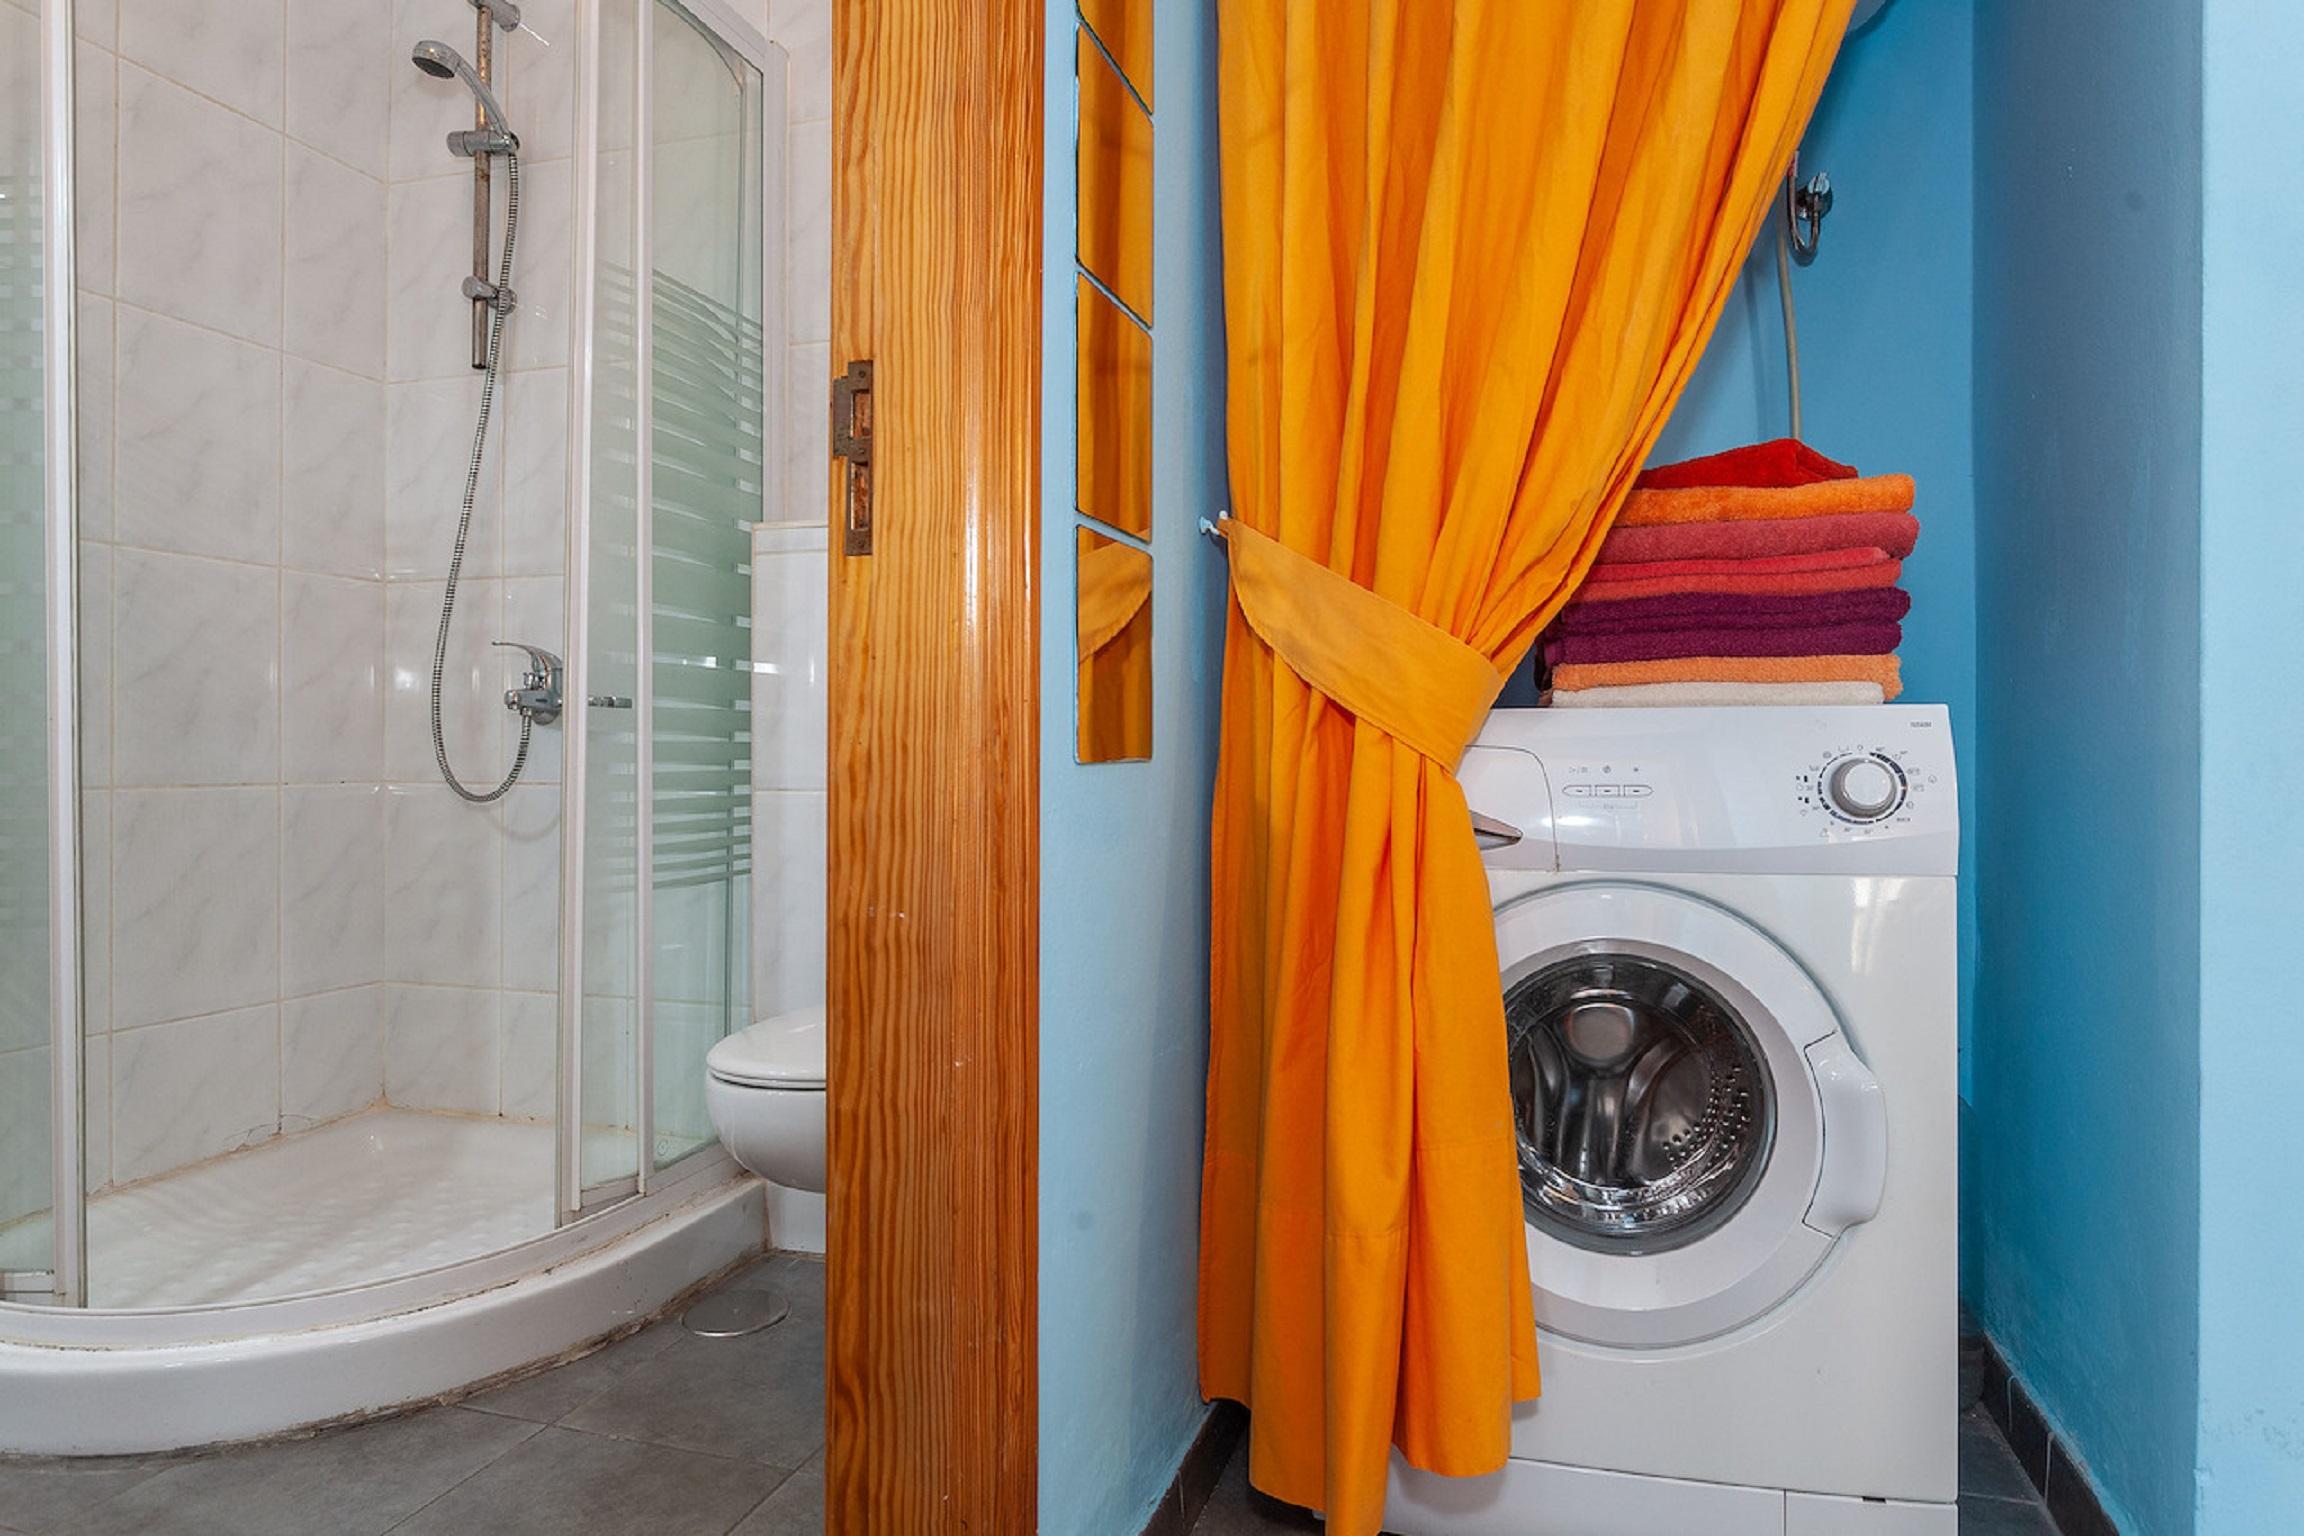 Ferienwohnung Apartment in Strandnhe mit groer Terrasse, Wlan und Parkplatz (2628896), Costa Calma, Fuerteventura, Kanarische Inseln, Spanien, Bild 13